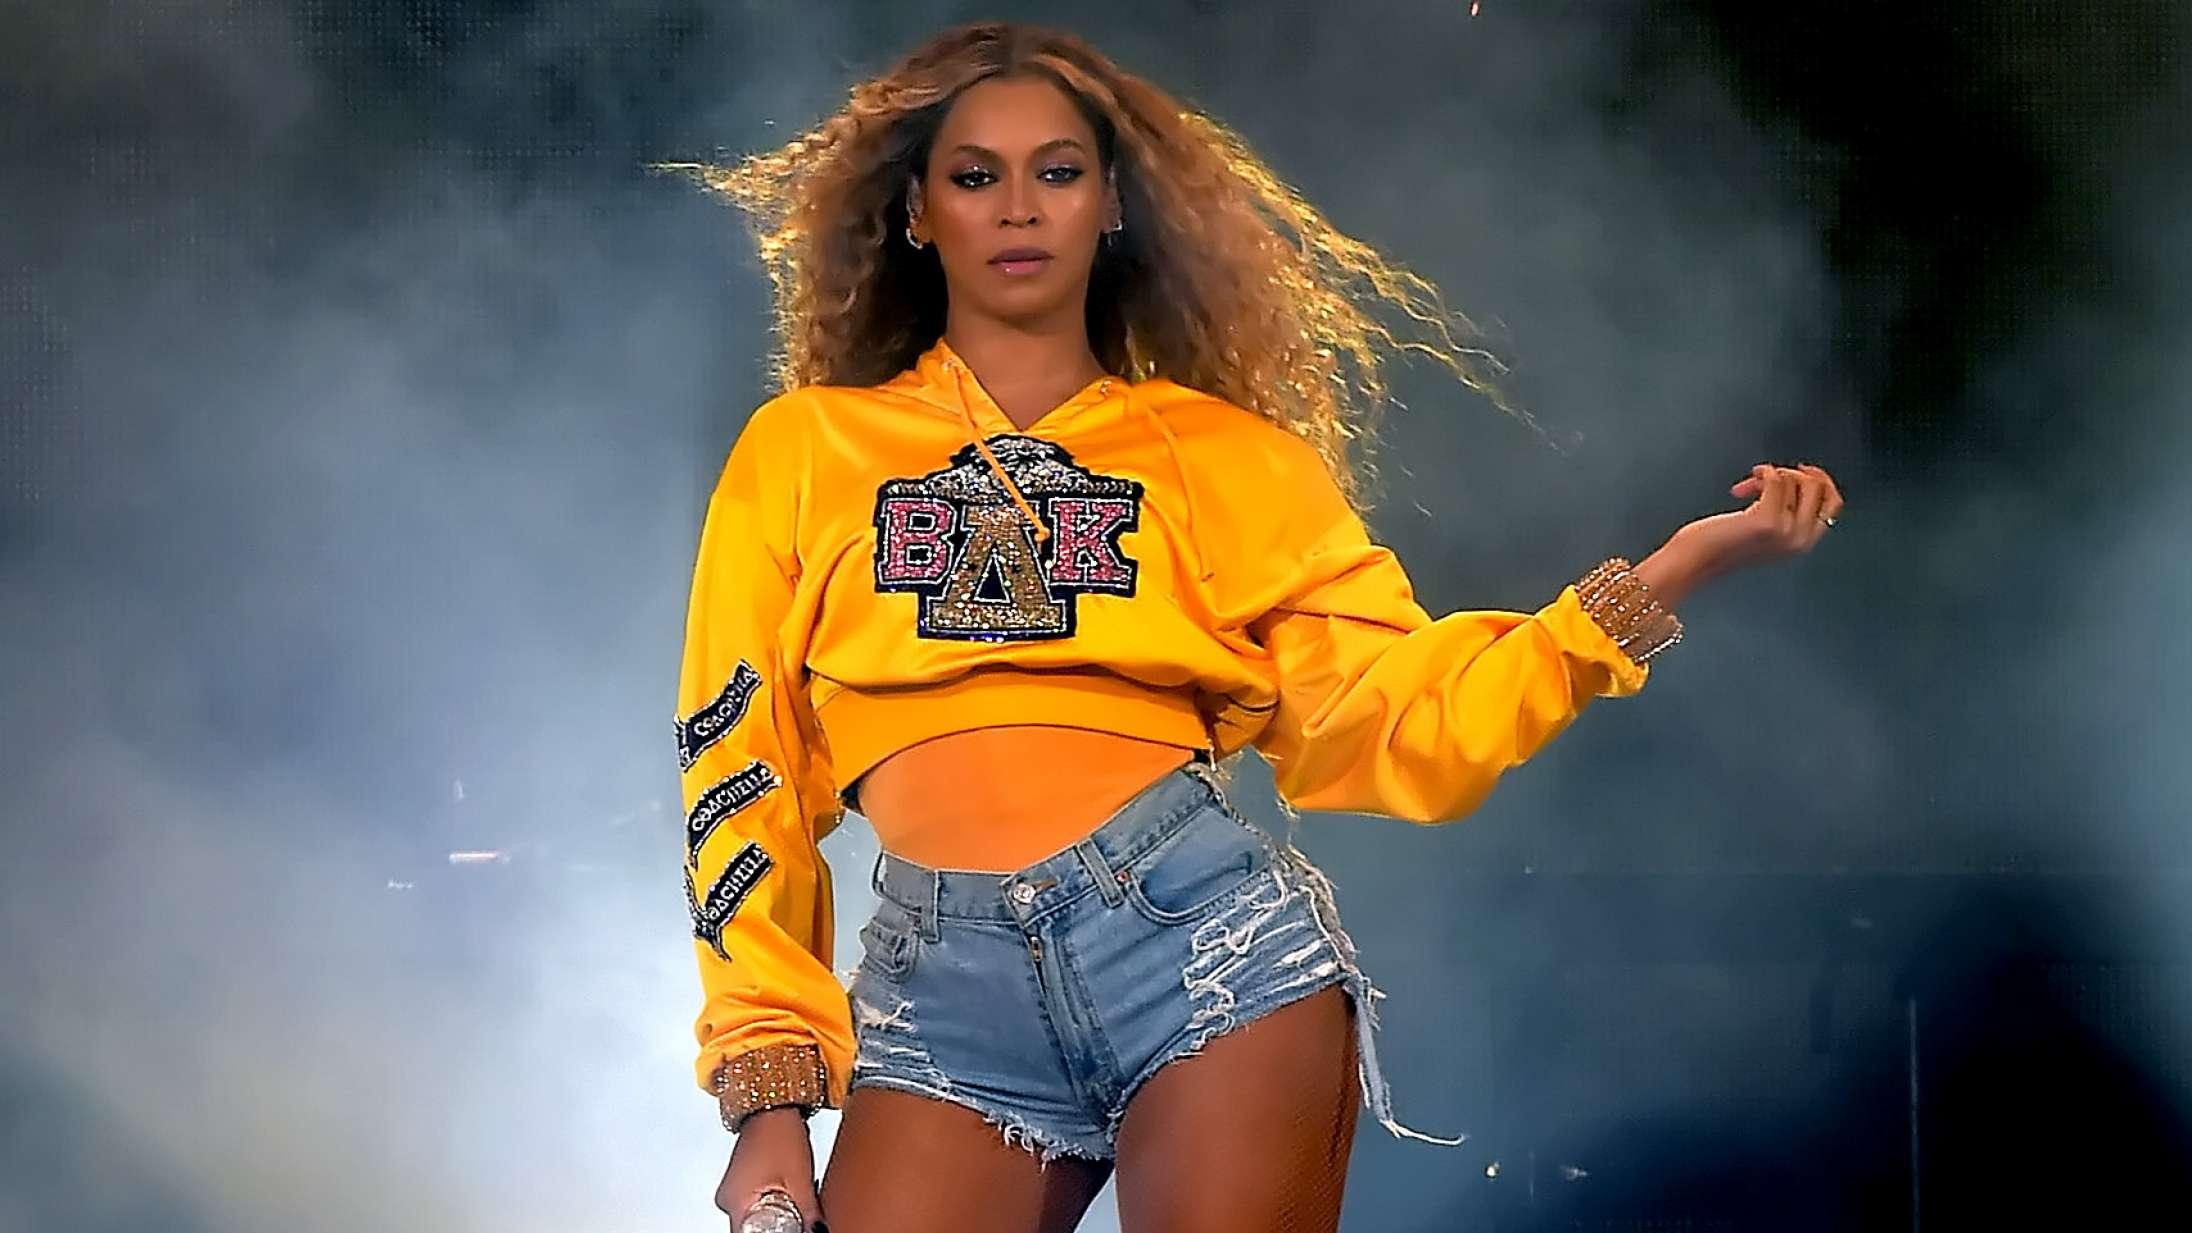 Spritny og gratis dokumentar går bag om Coachella – se klip med Billie Eilish, Beyoncé, Kanye West, Drake og mange flere